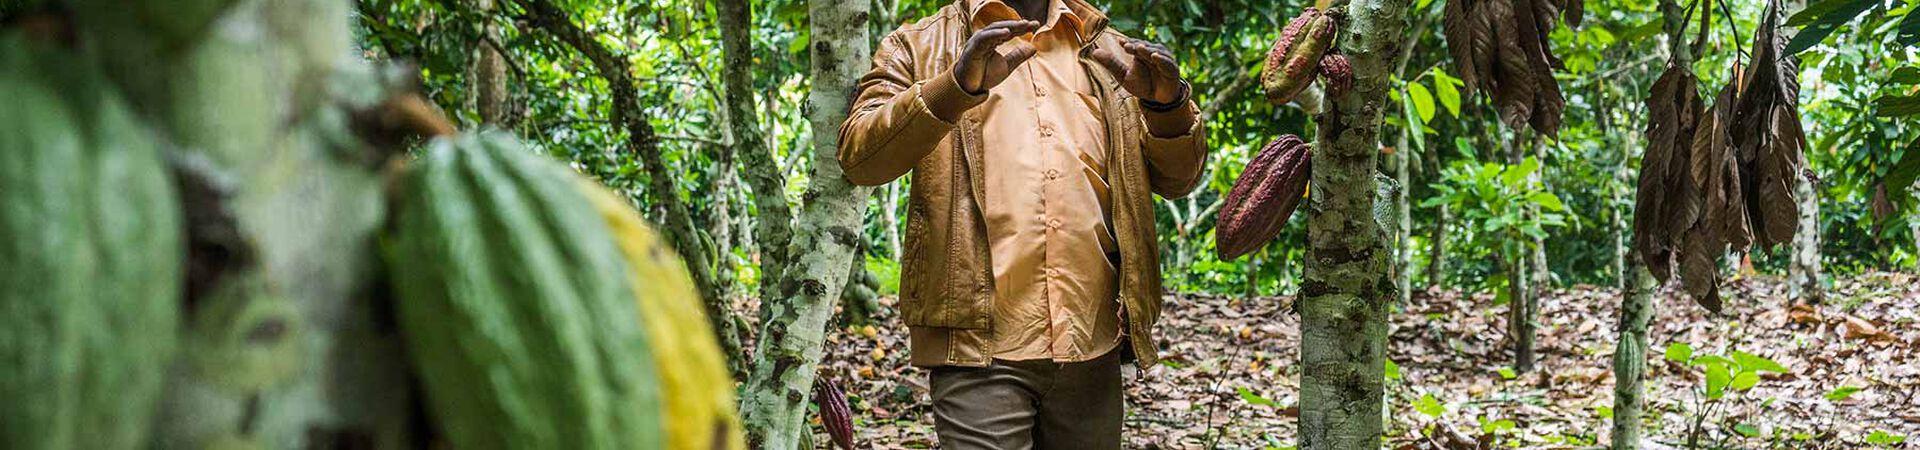 Banner - Growing Peace Through Cocoa in Congo